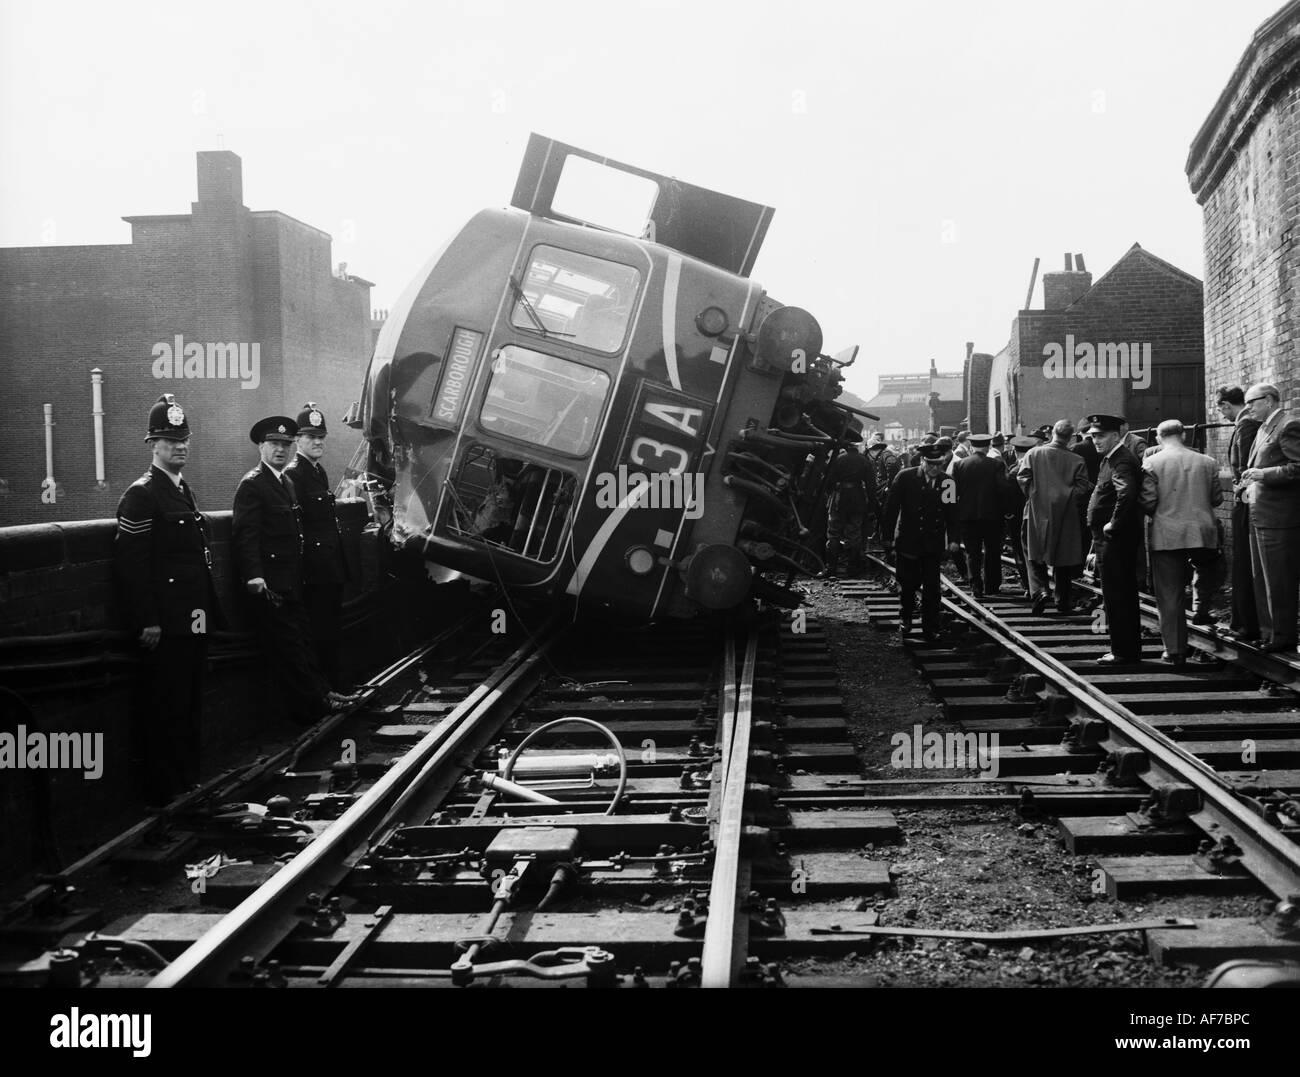 Vintage schwarz / weiß Foto von einer Menschenmenge einschließlich Polizei anzeigen entgleiste Eisenbahn Lokomotive kippte auf die Seite. Stockbild